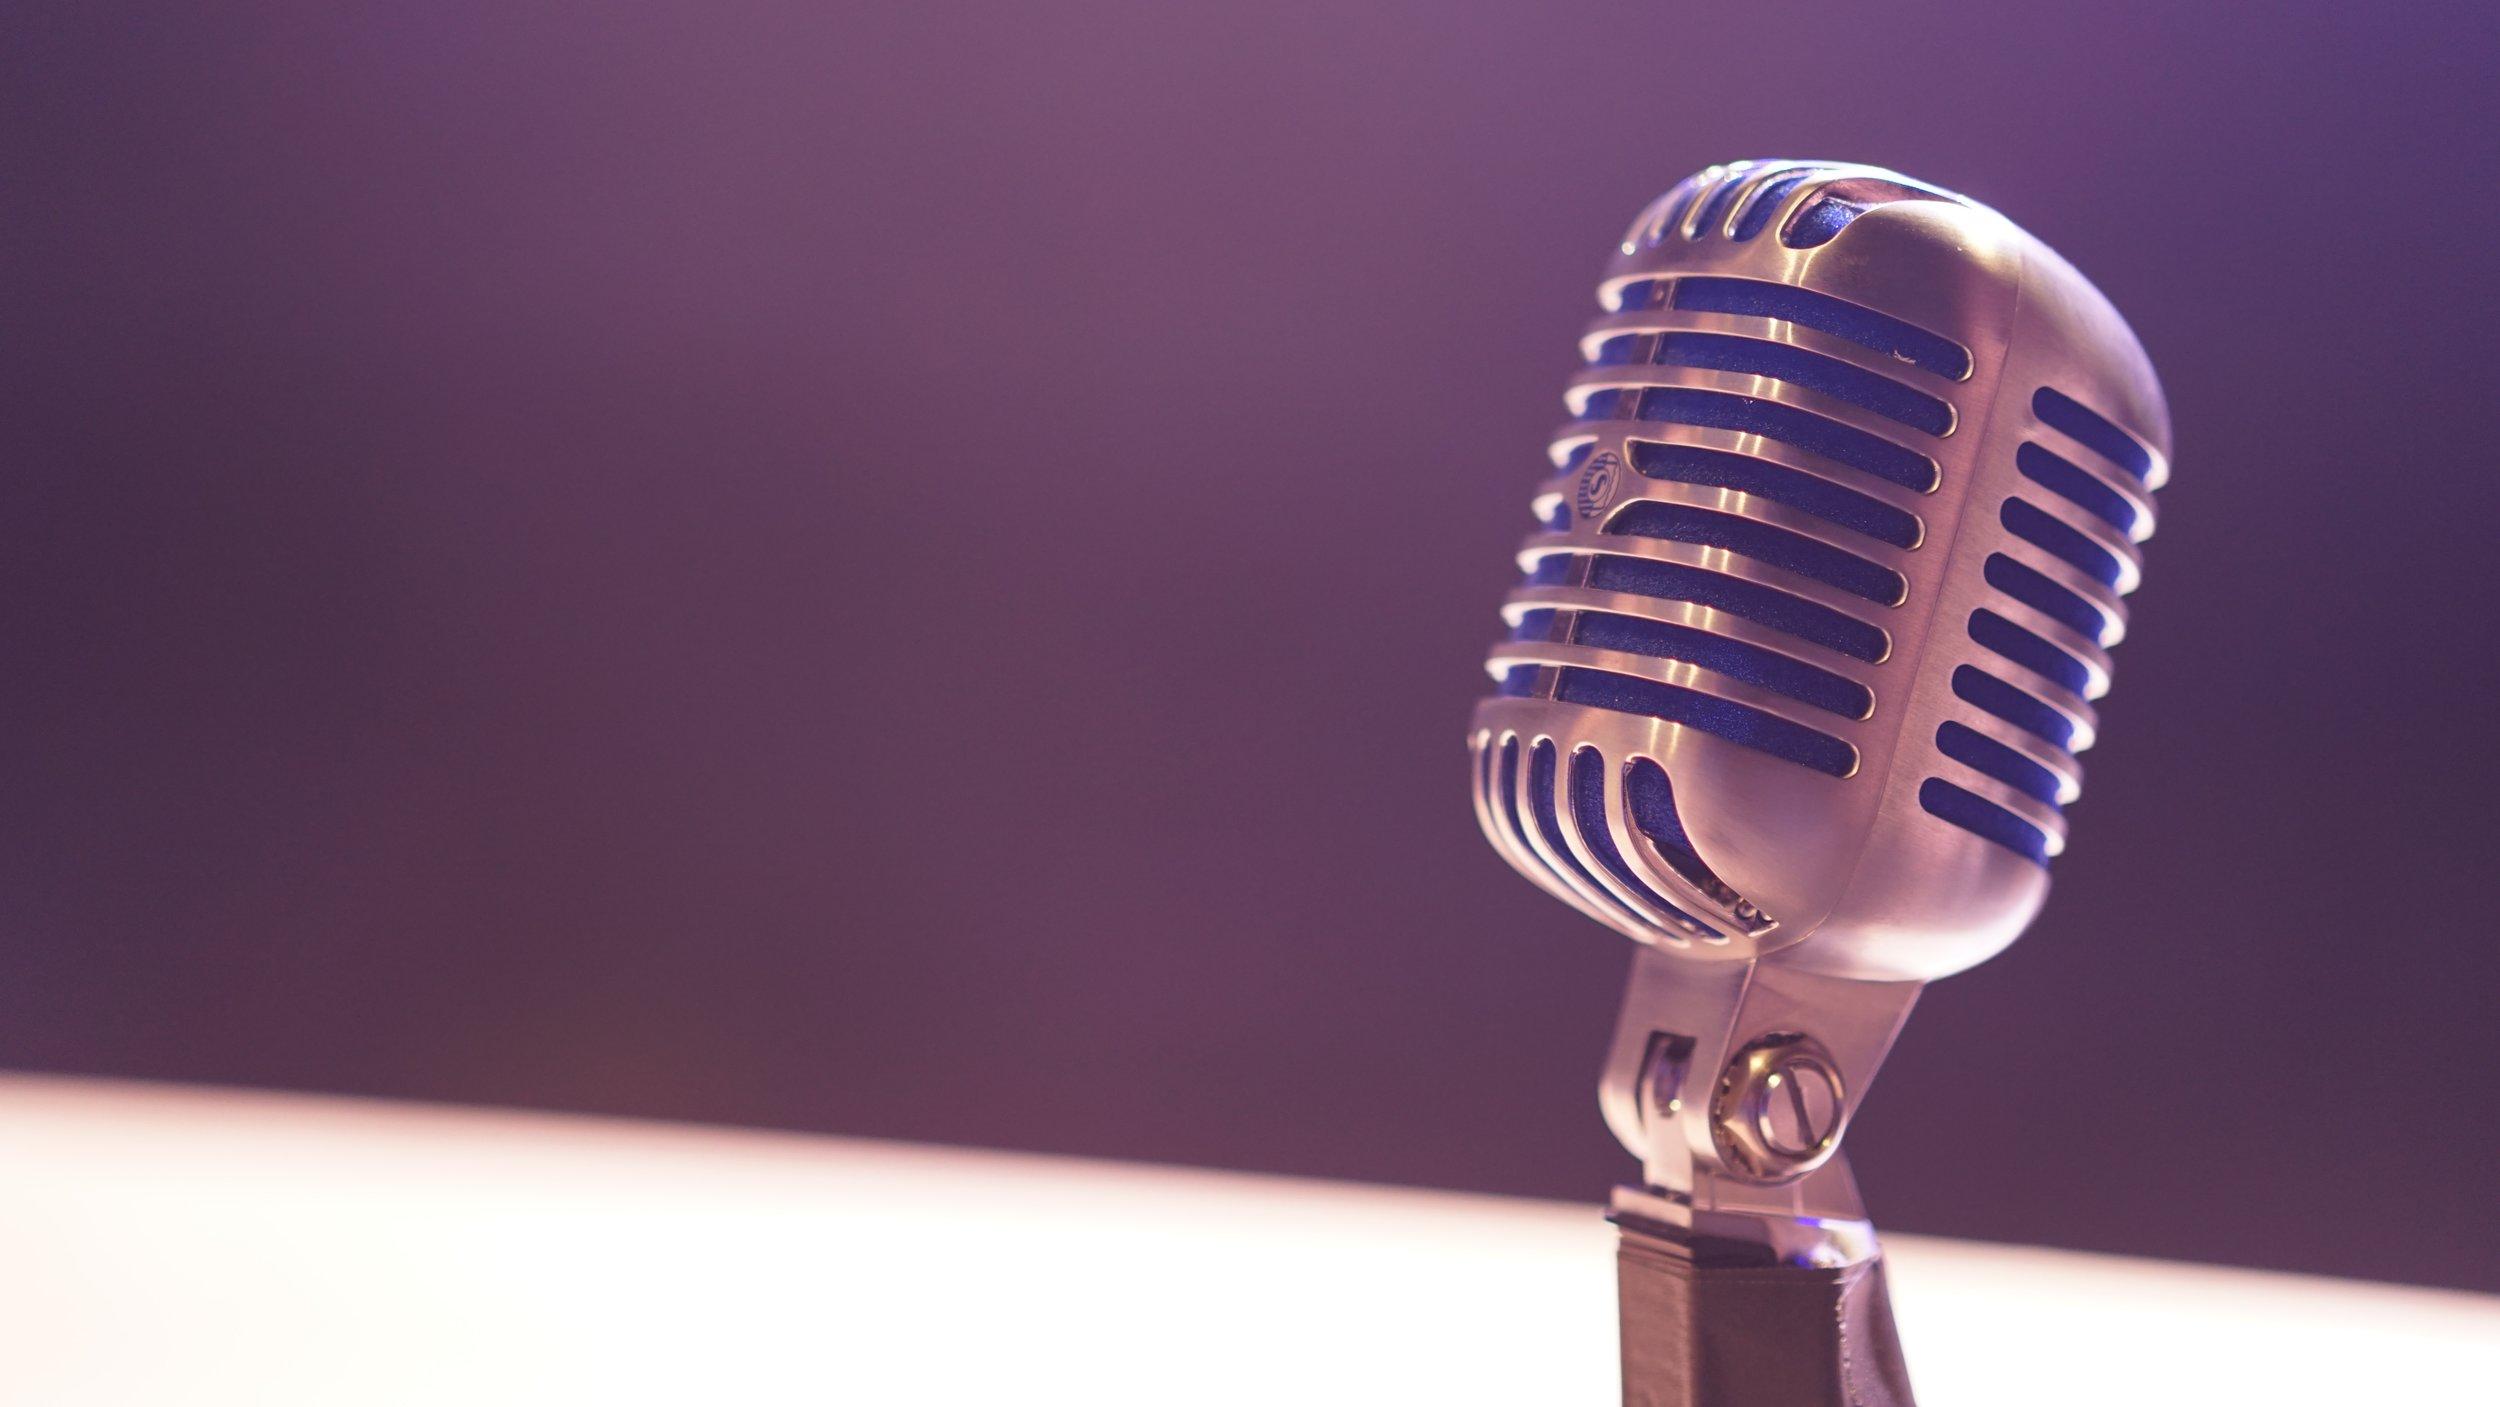 NorthPro Podcast: Wirtschaft, Marketing, Digital